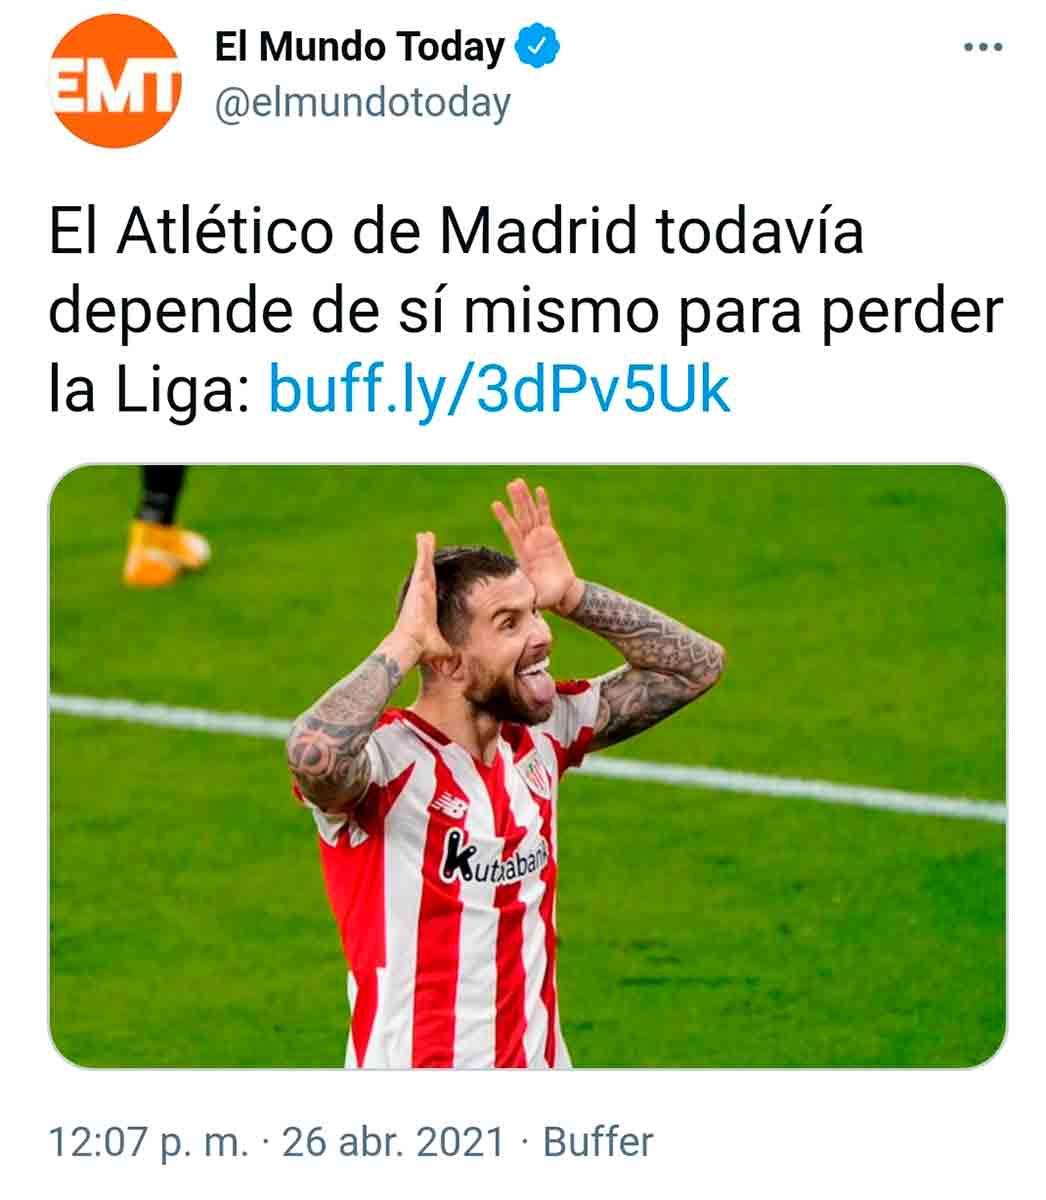 El Mundo Today Atleti